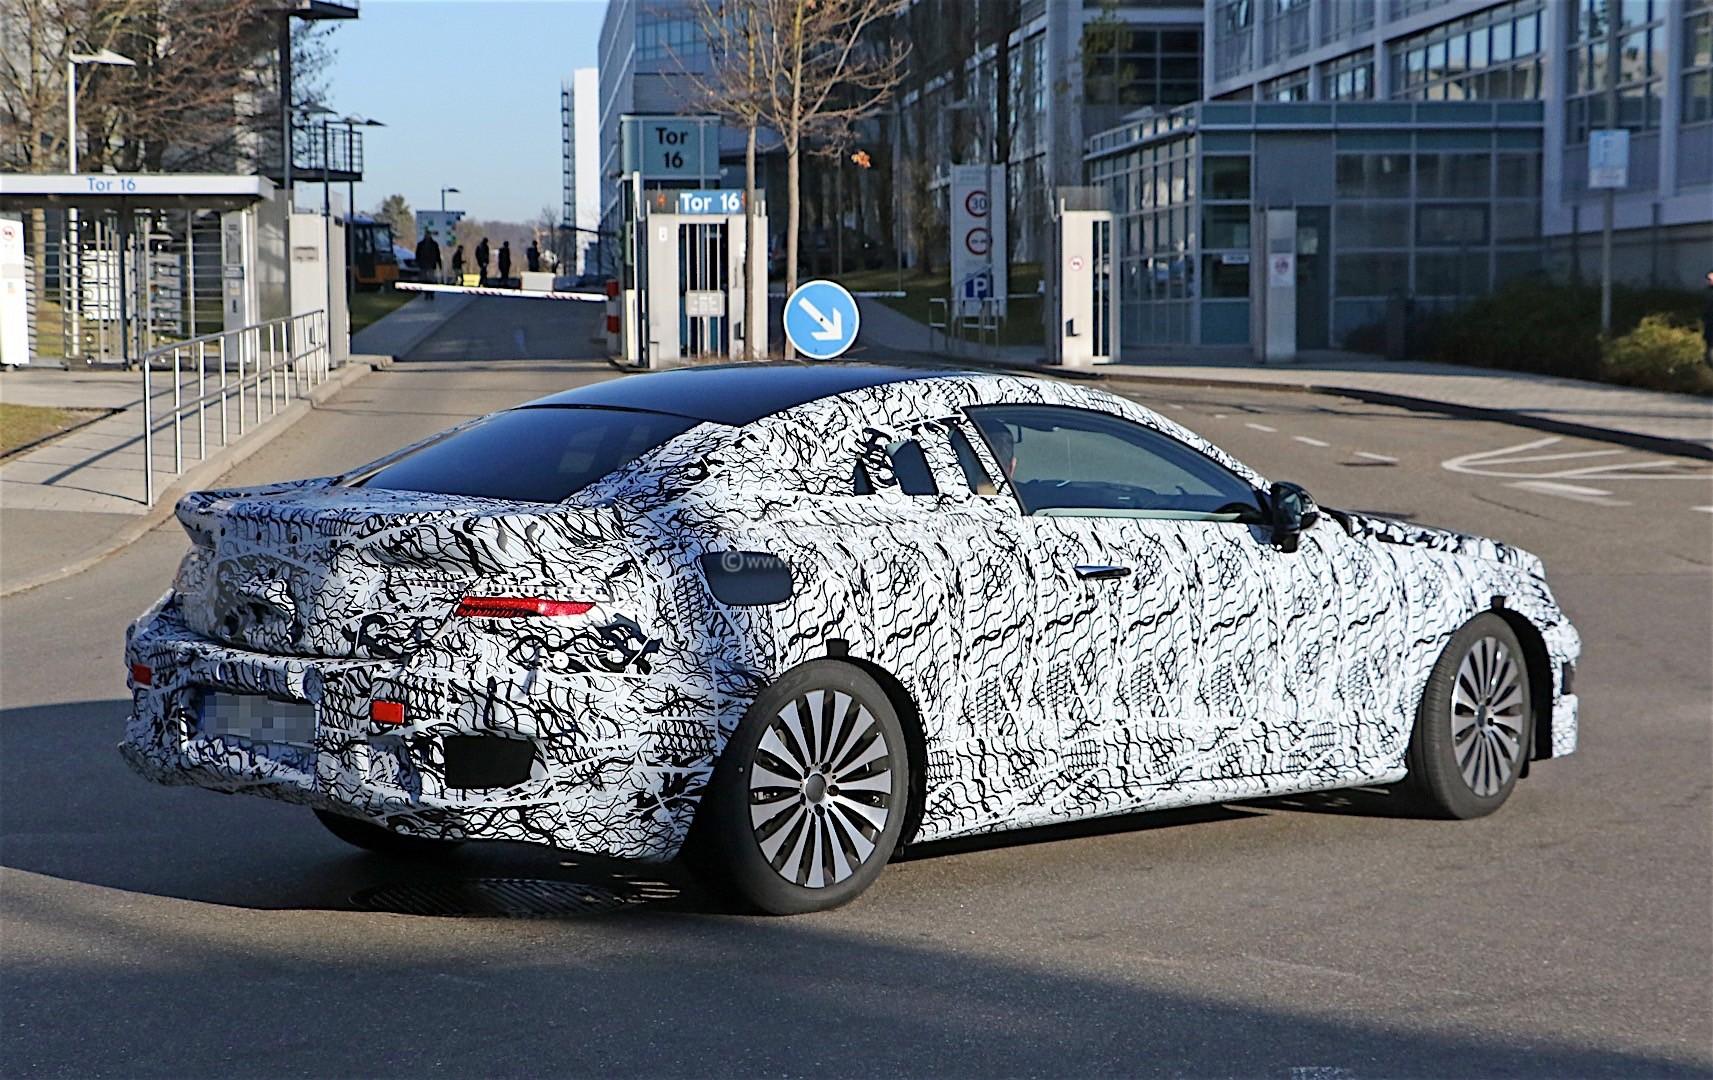 2018 mercedes benz e class coupe shows its b pillarless for New mercedes benz e class 2018